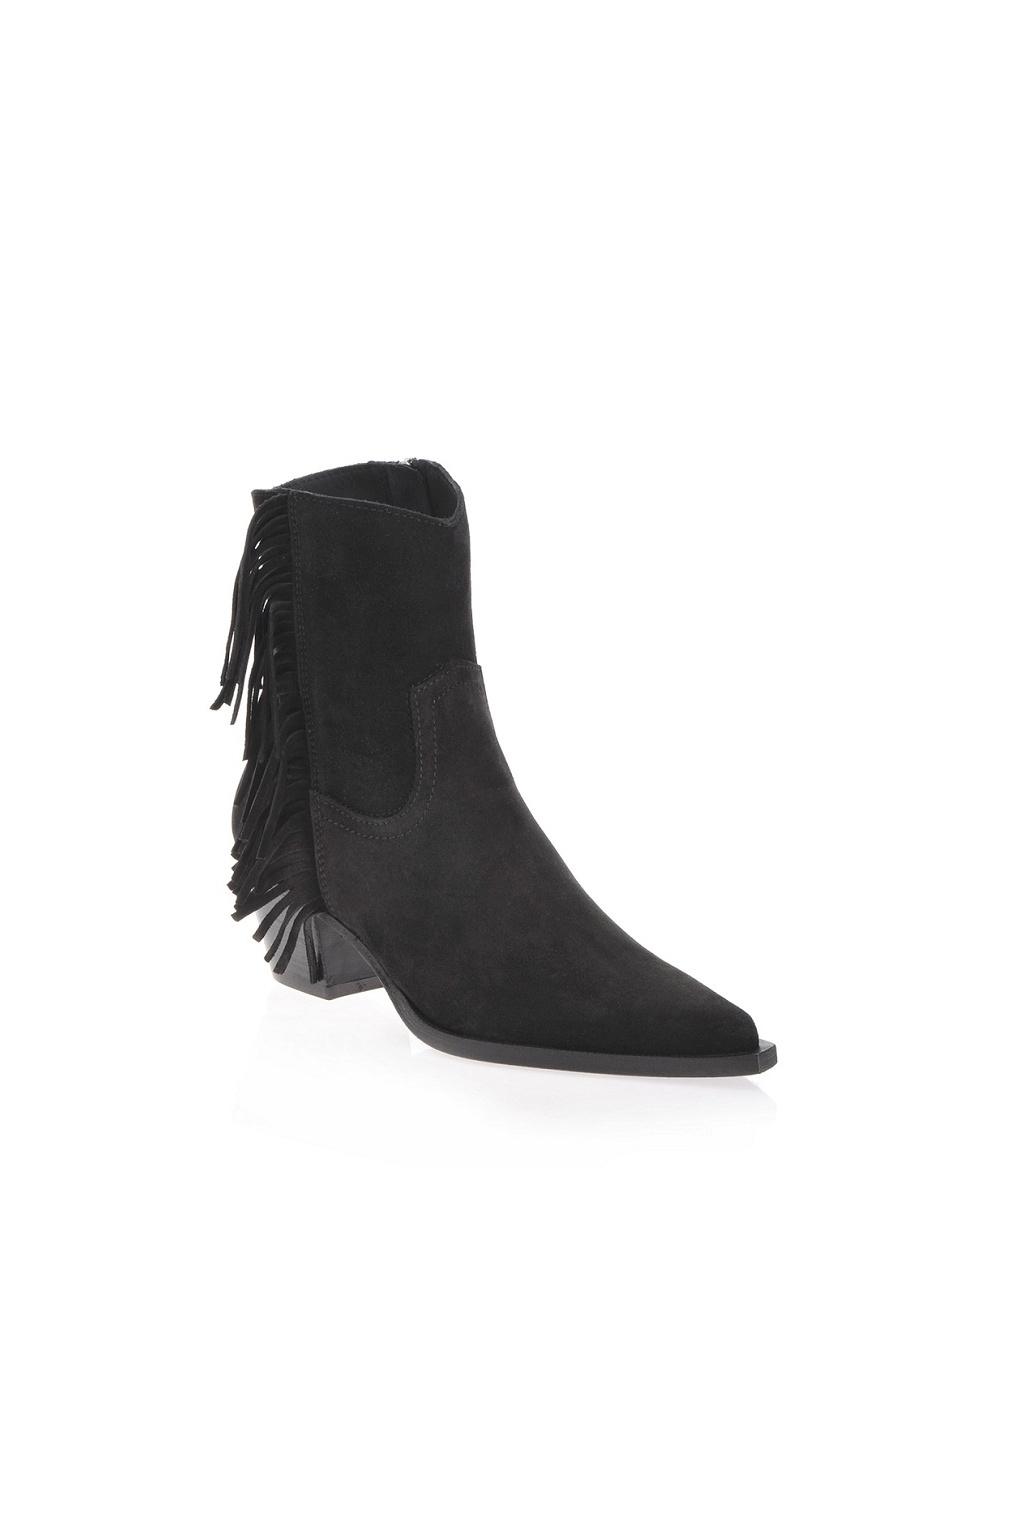 1H20QYY63H Z99 Dámská Pinko kožená obuv Zenzero Tronchetto černá